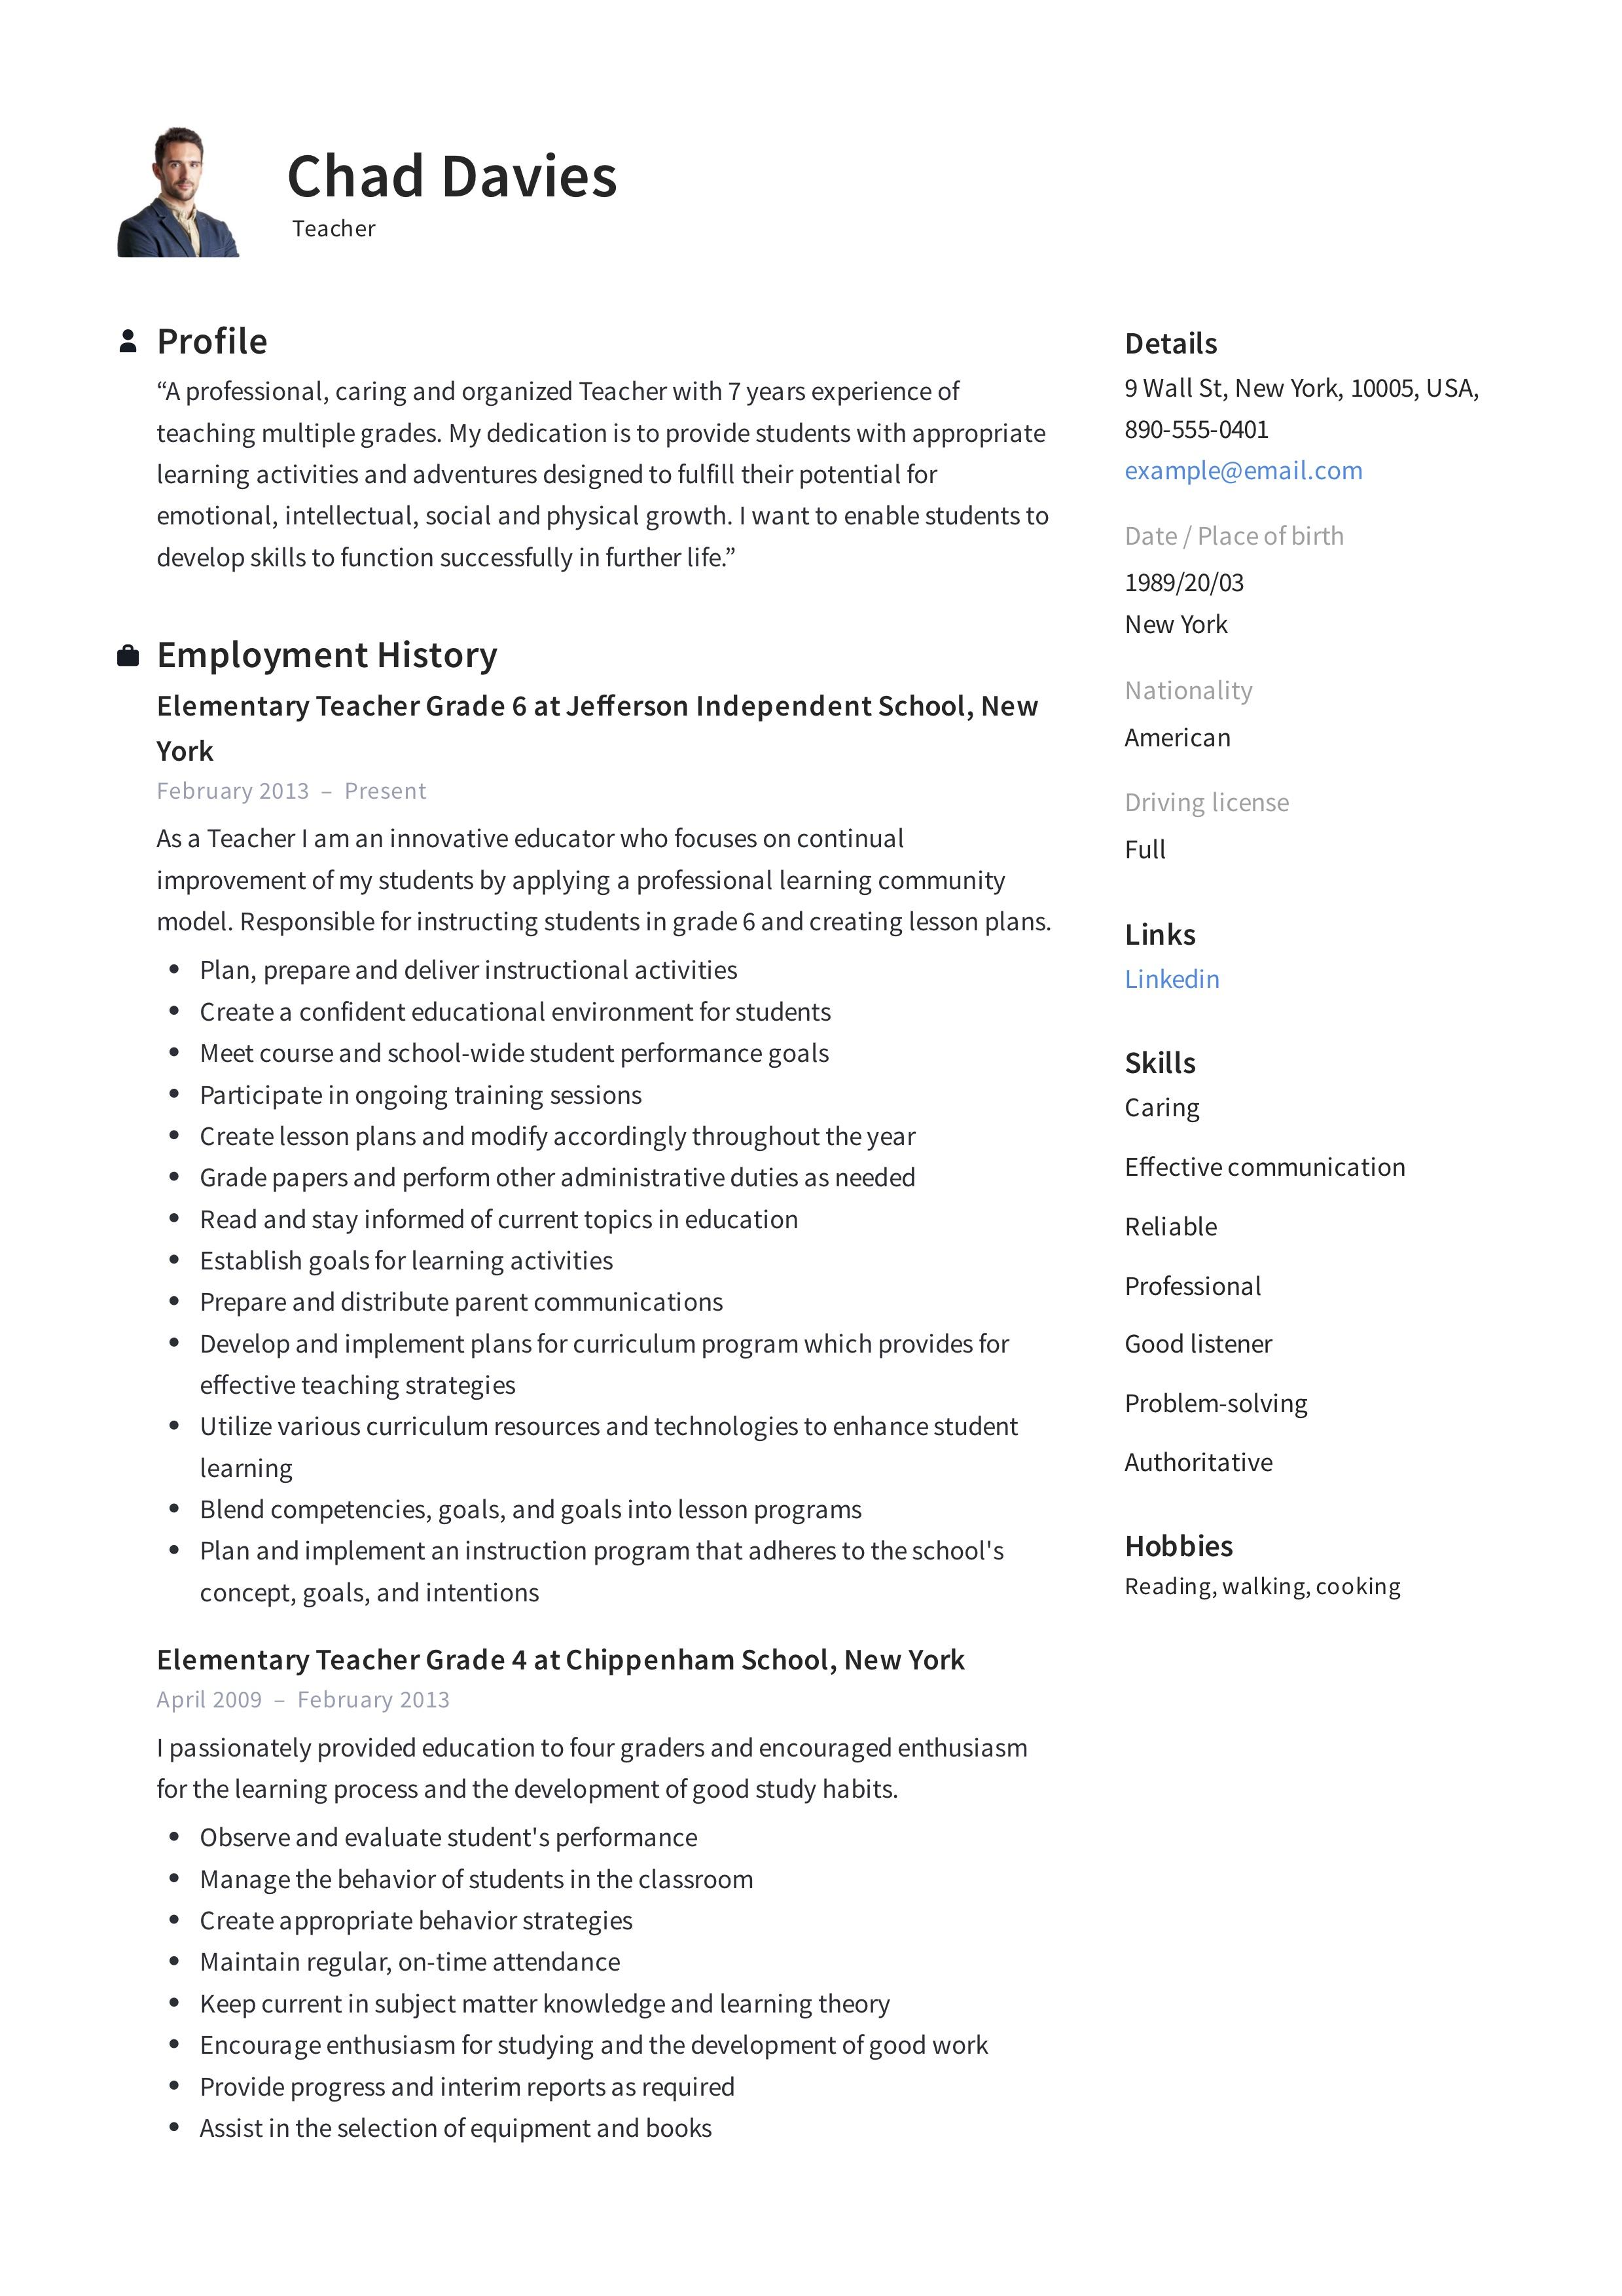 career objective in resume for teacher